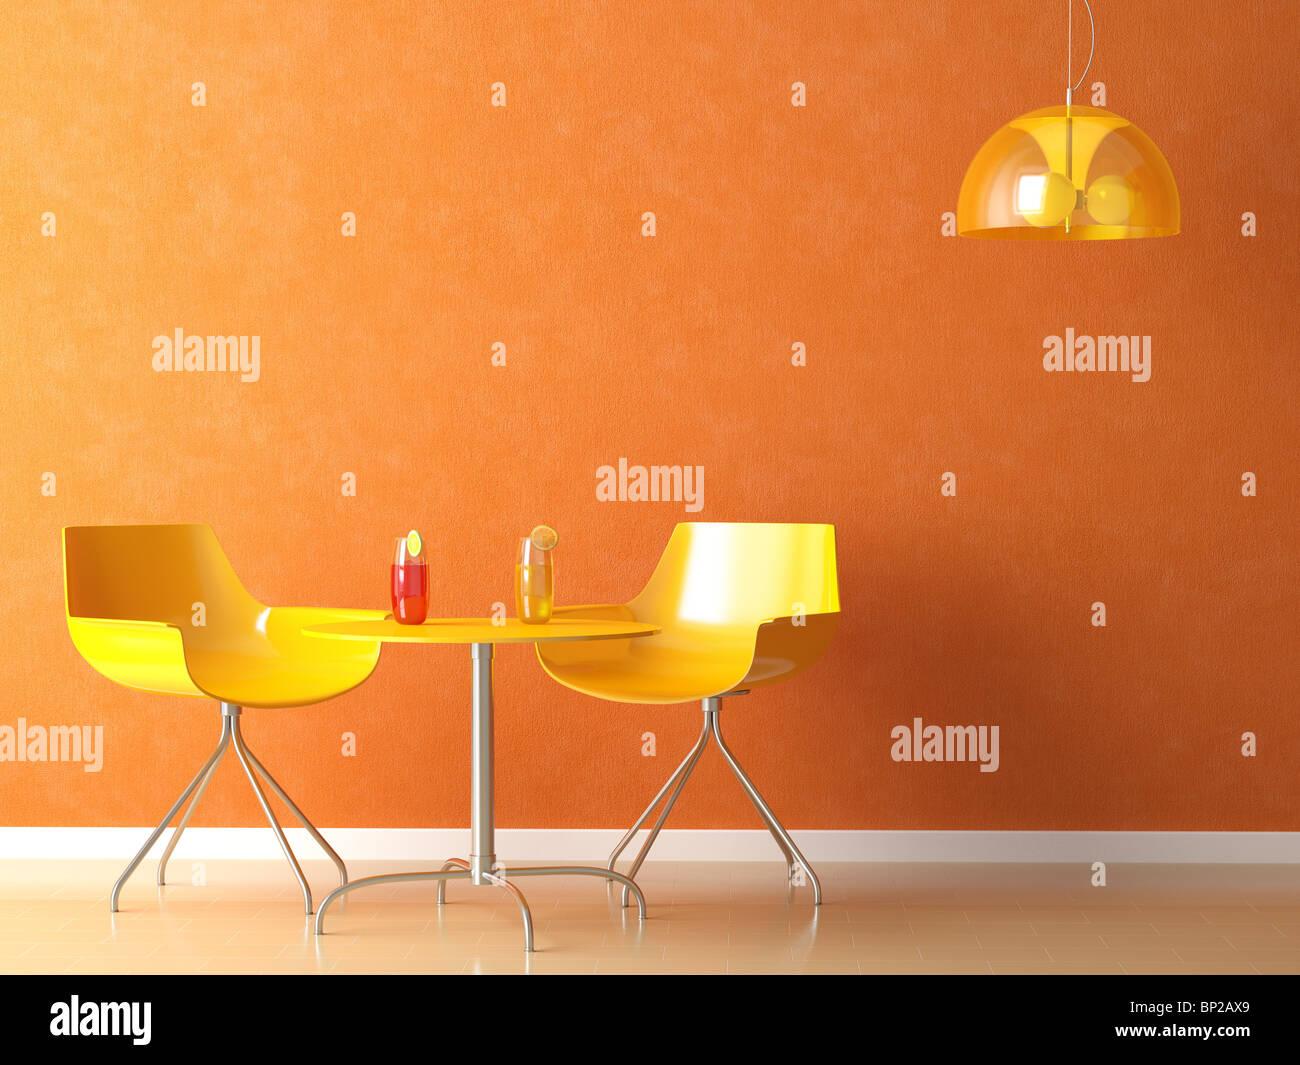 3D Render escena de una moderna cafetería, una mesa y una silla en naranja y amarillo Imagen De Stock